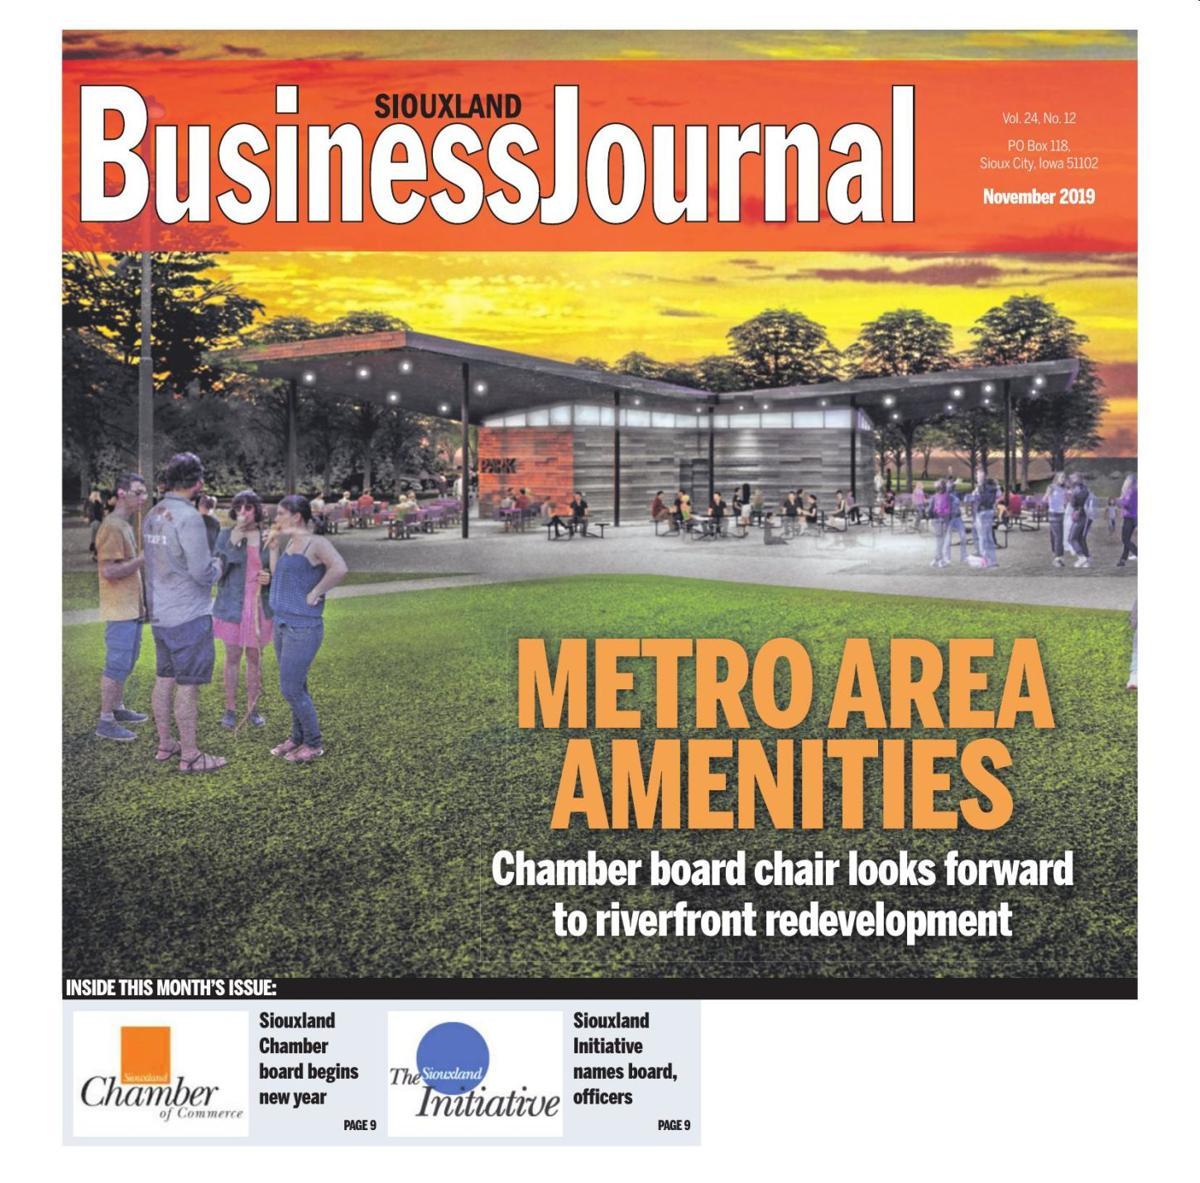 Siouxland Business Journal - November 2019